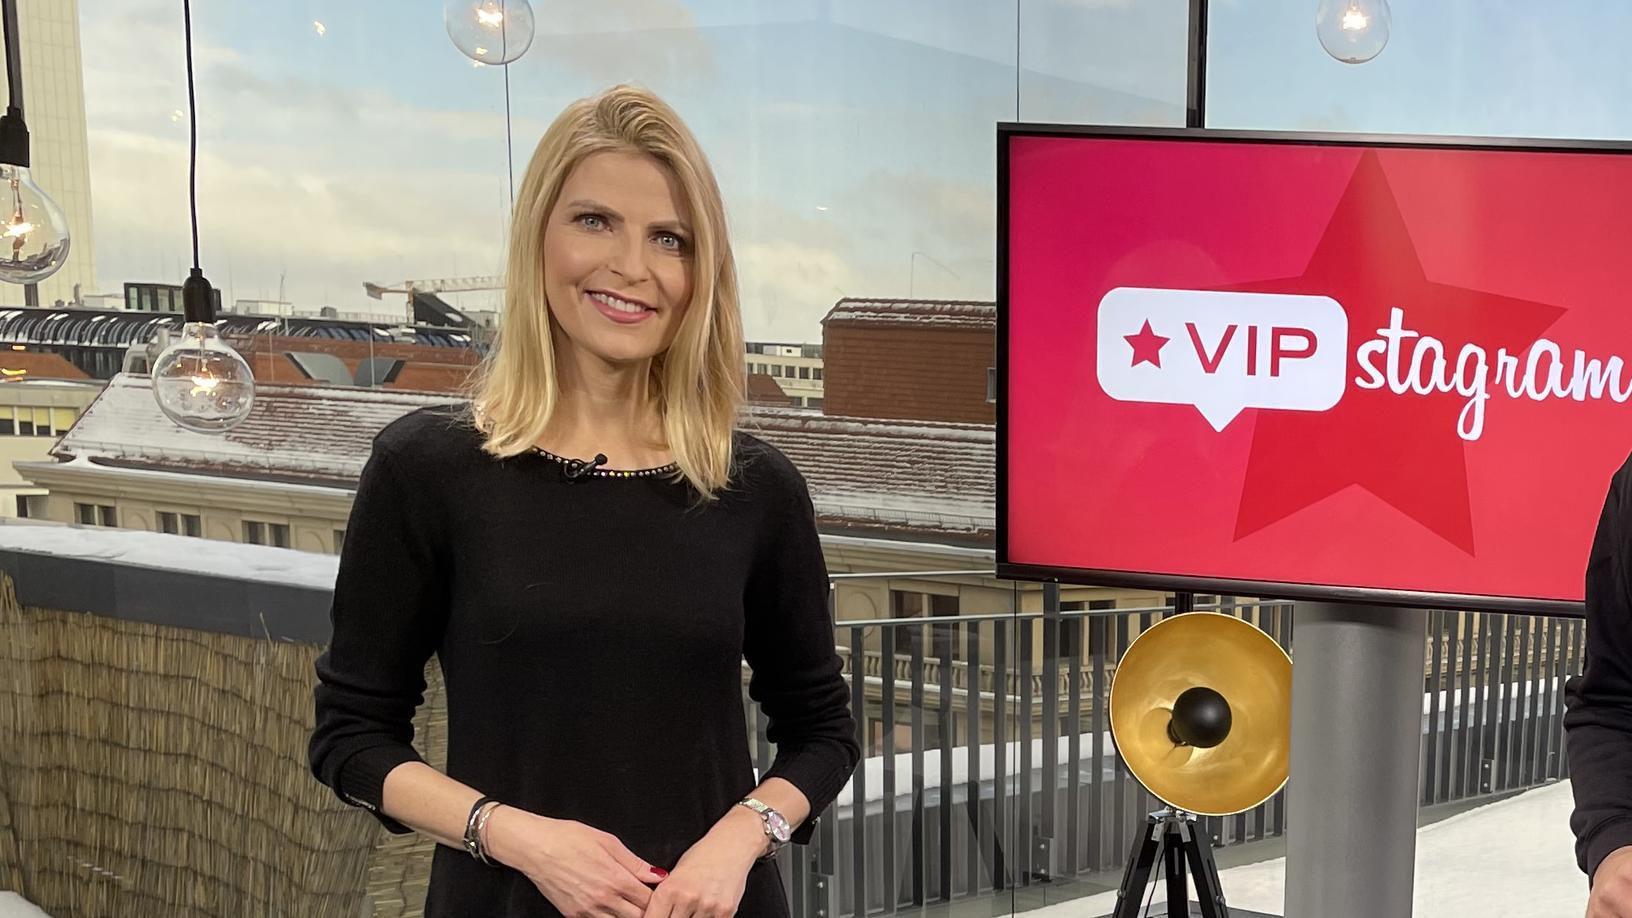 Tanja Bülter bekam im Herbst 2020 die Diagnose Brustkrebs